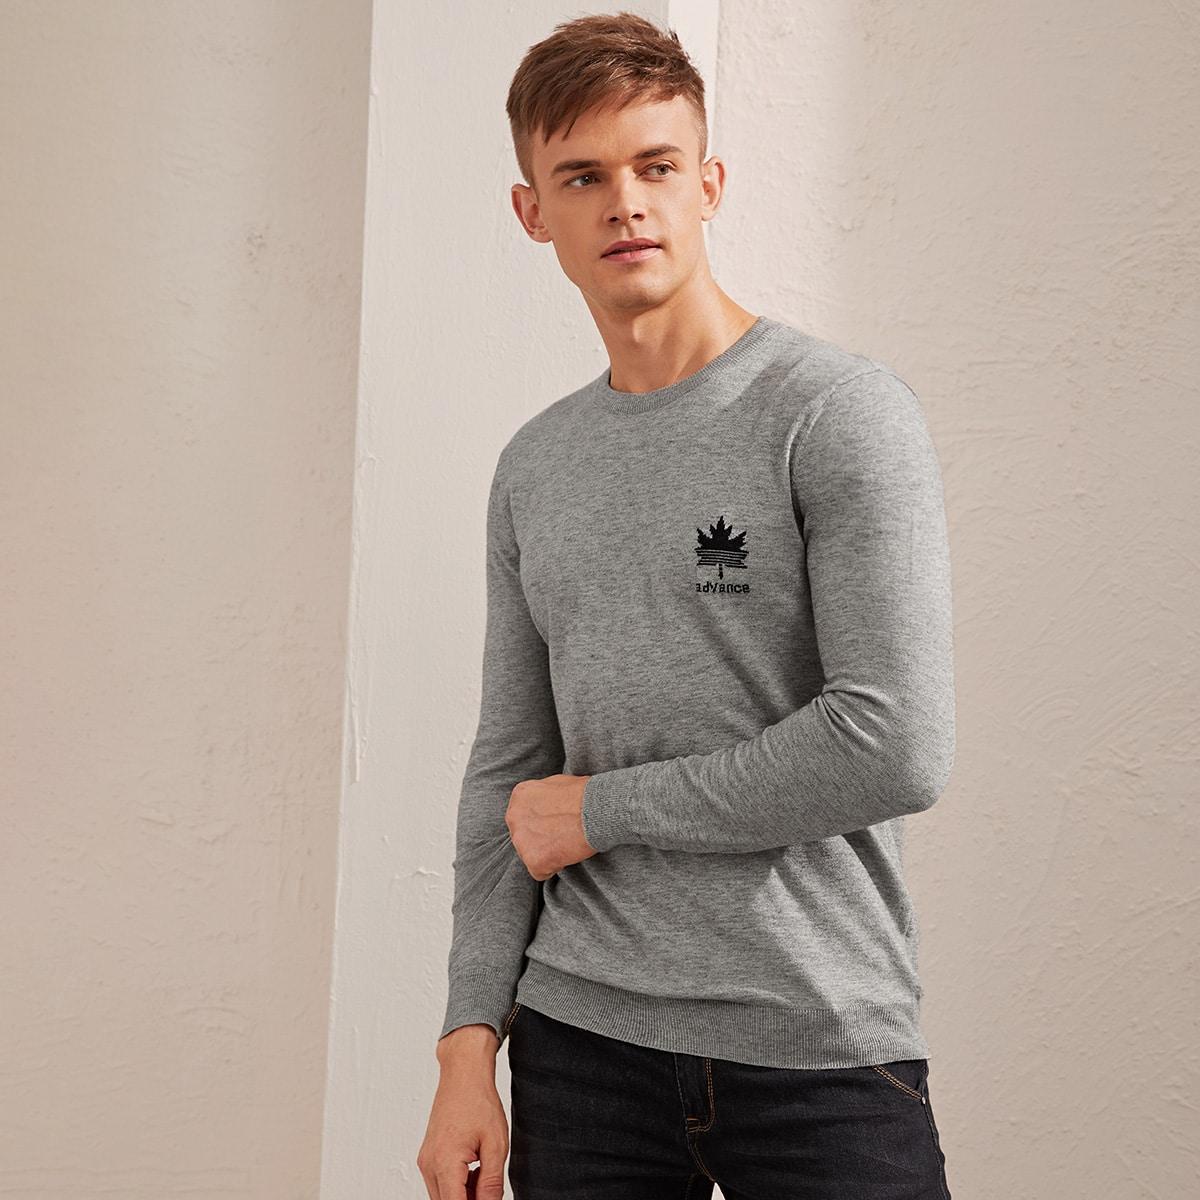 Мужской свитер с принтом кленового листа